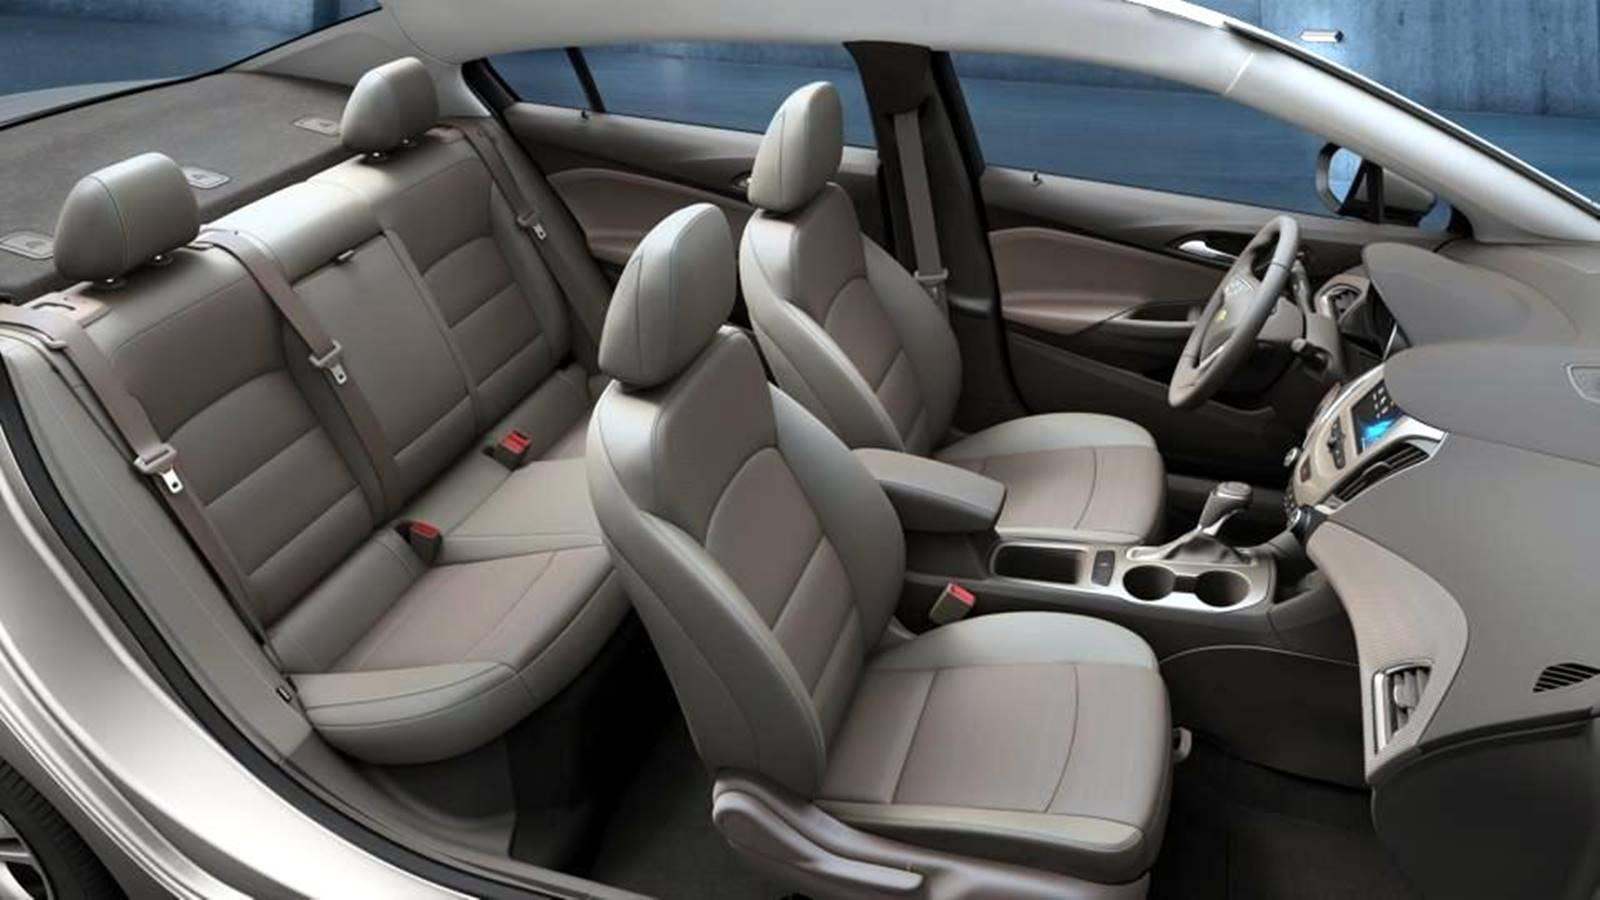 compra de carros entusiasta gearhead chevrolet cruze interior